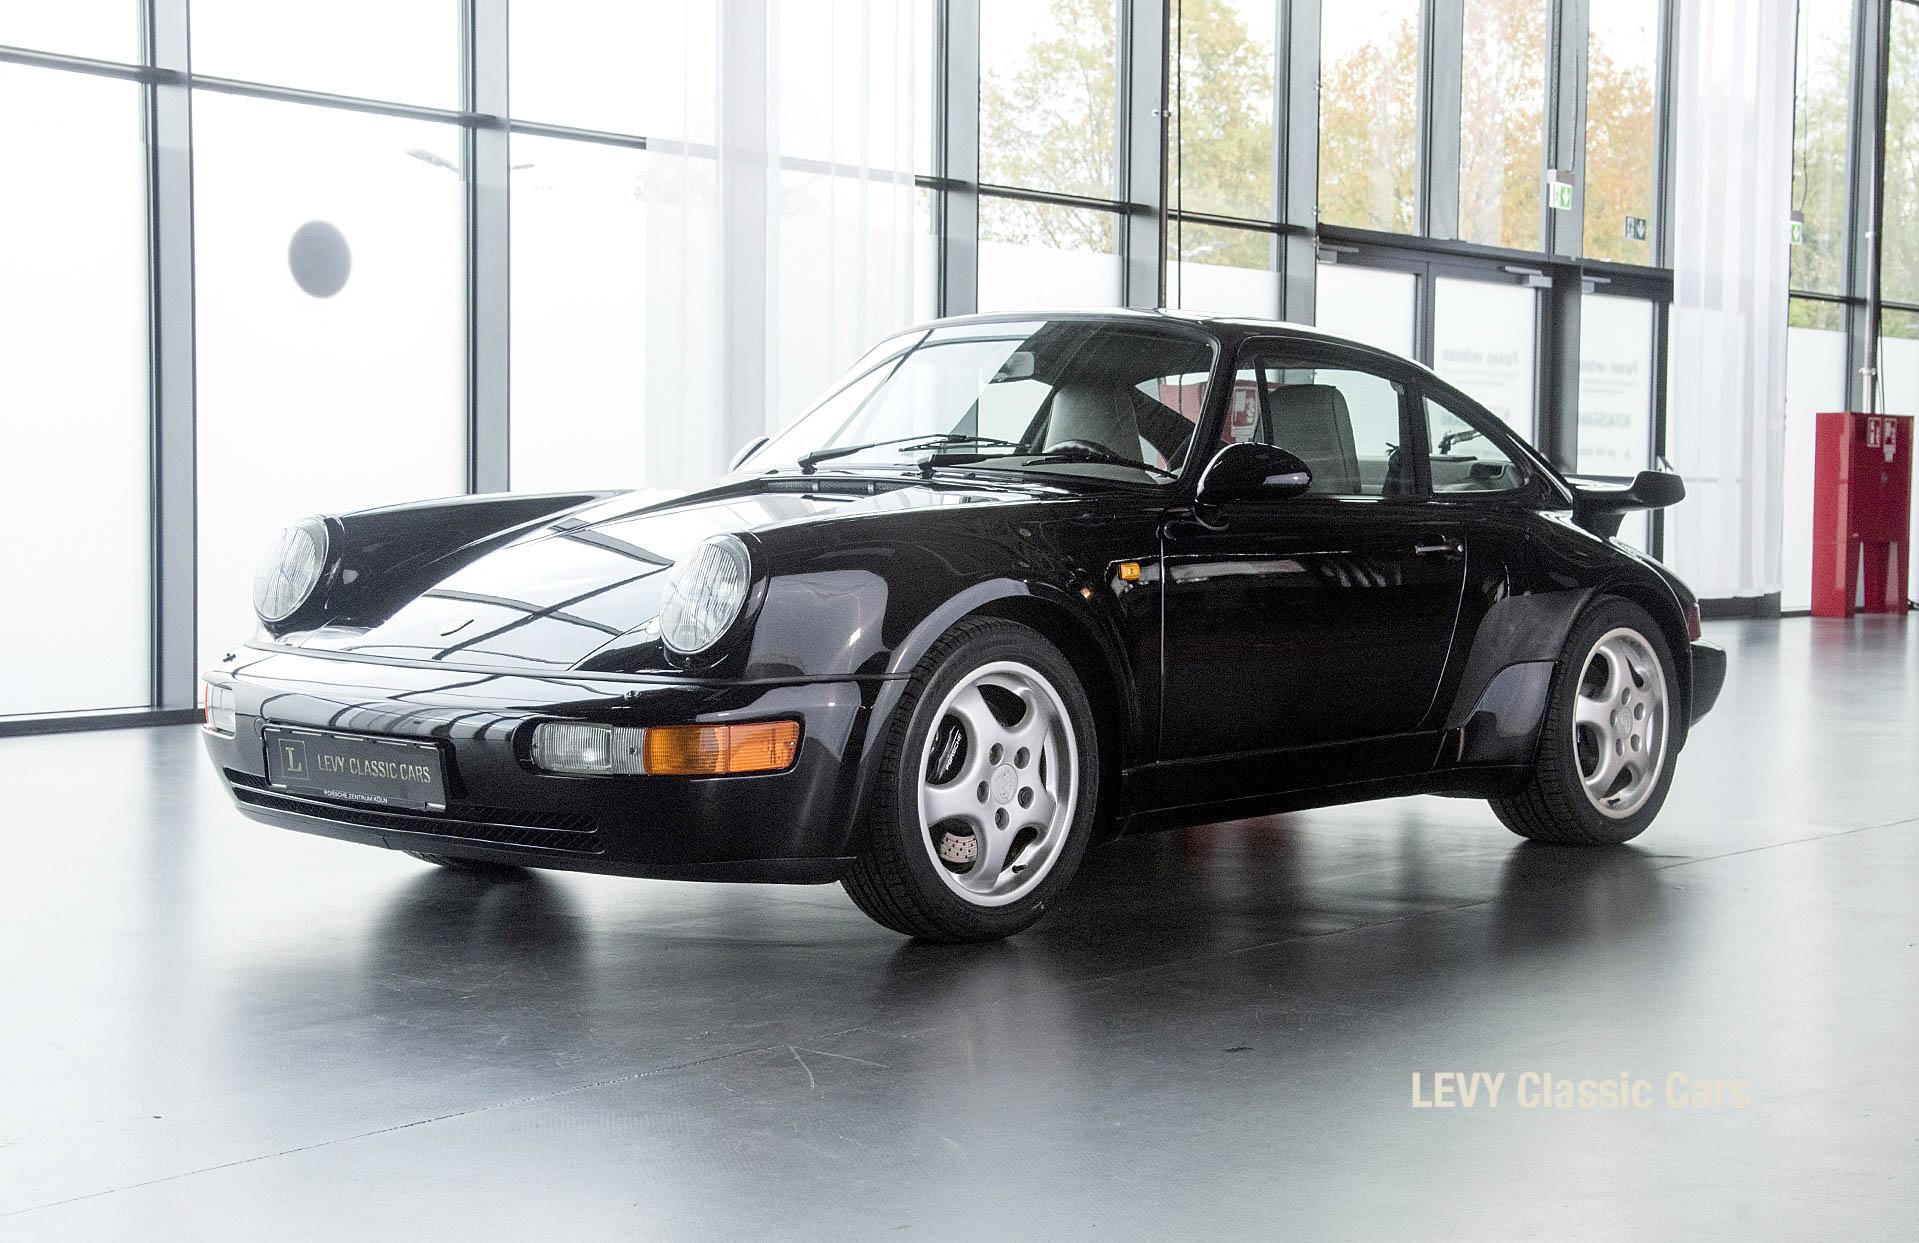 Porsche Turbo 72200 schwarz 71